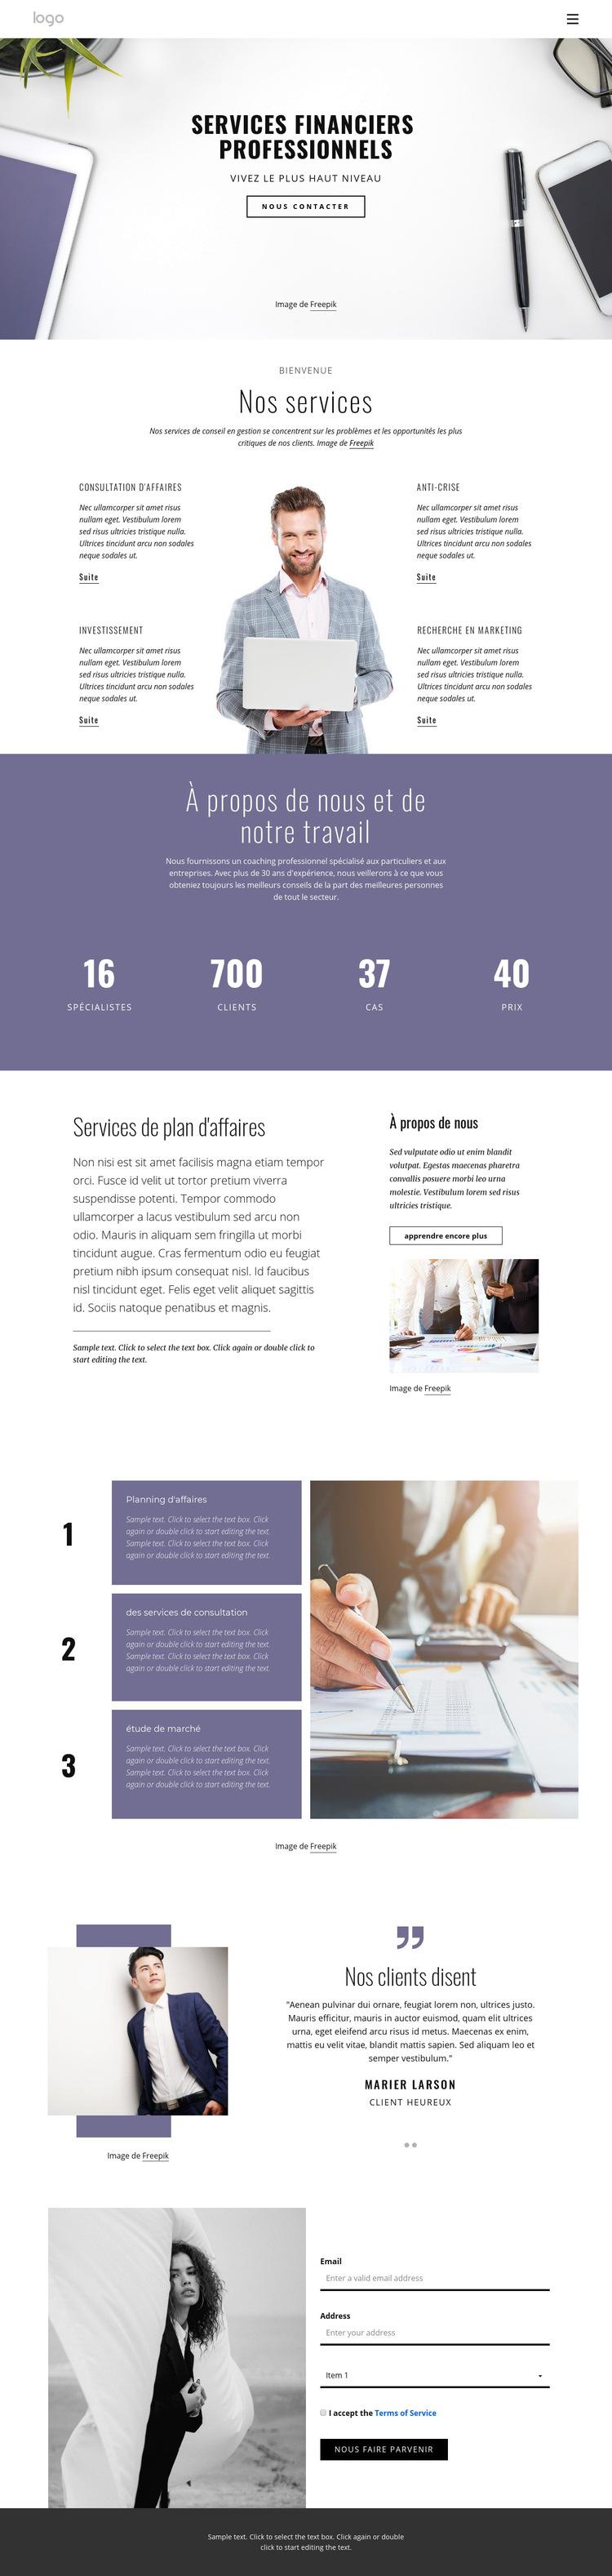 Services financiers professionnels Modèle de site Web